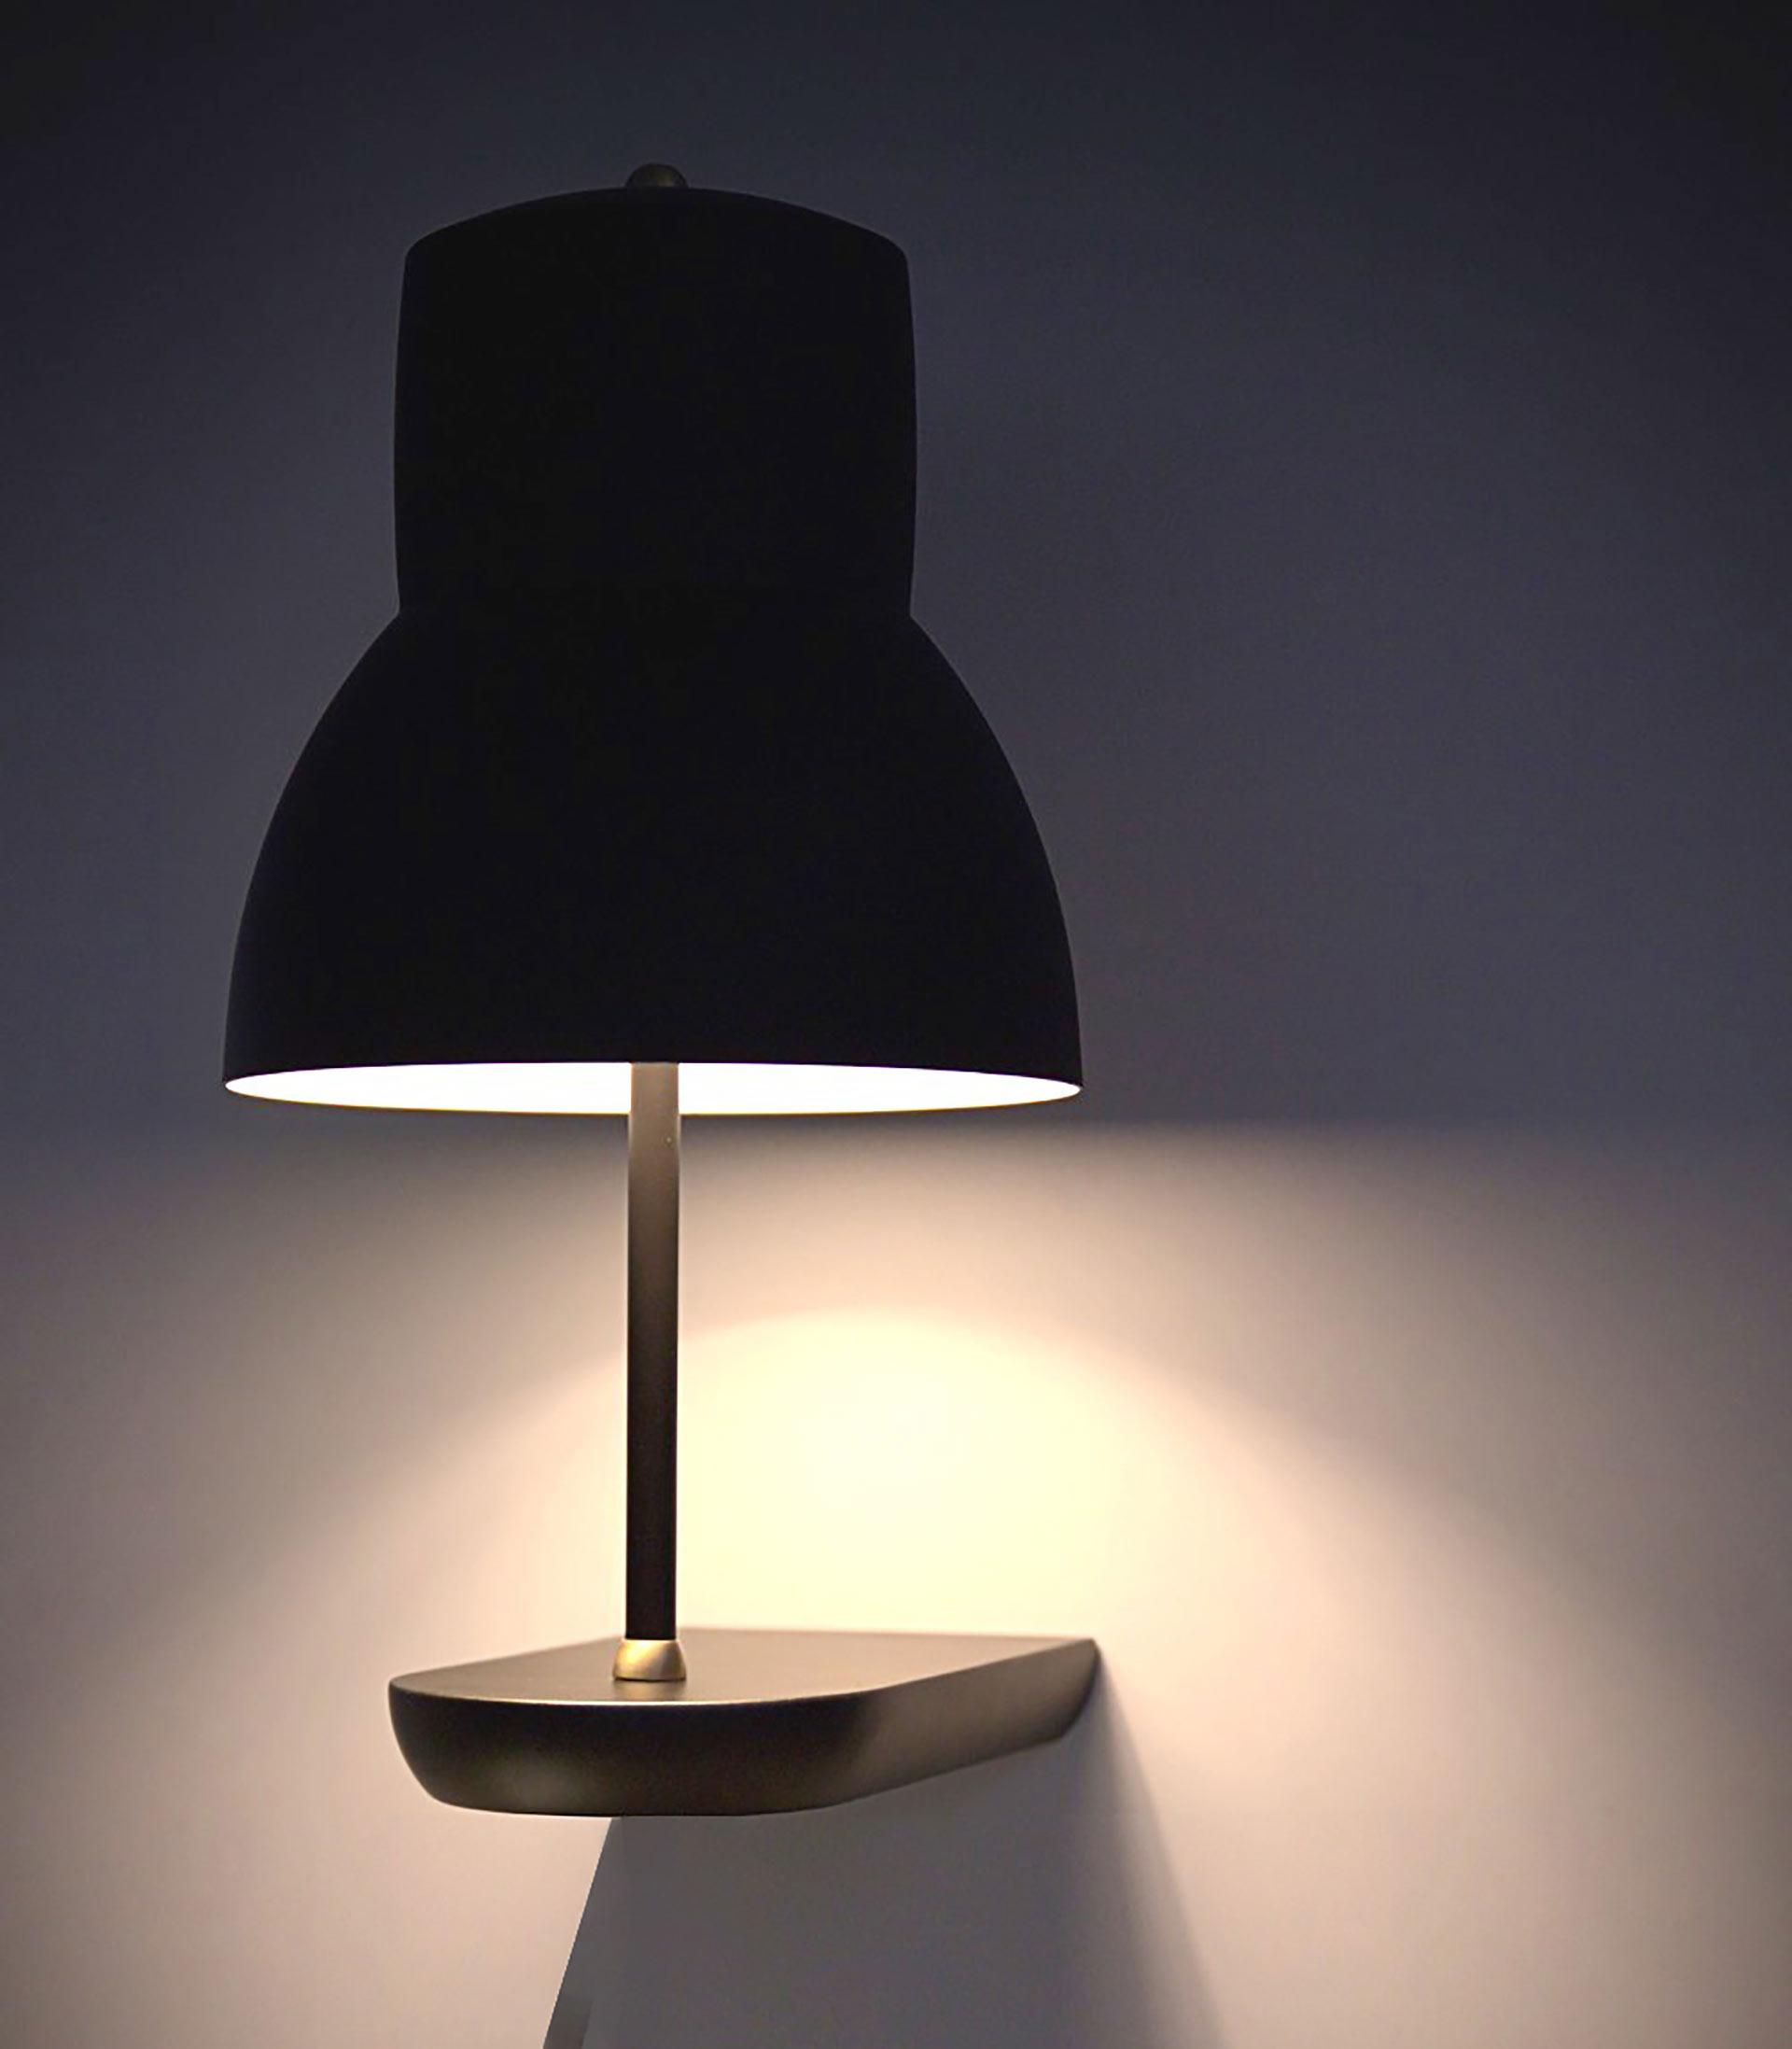 Leuchte Shelf von MLE. Entworfen von JOI-Design.